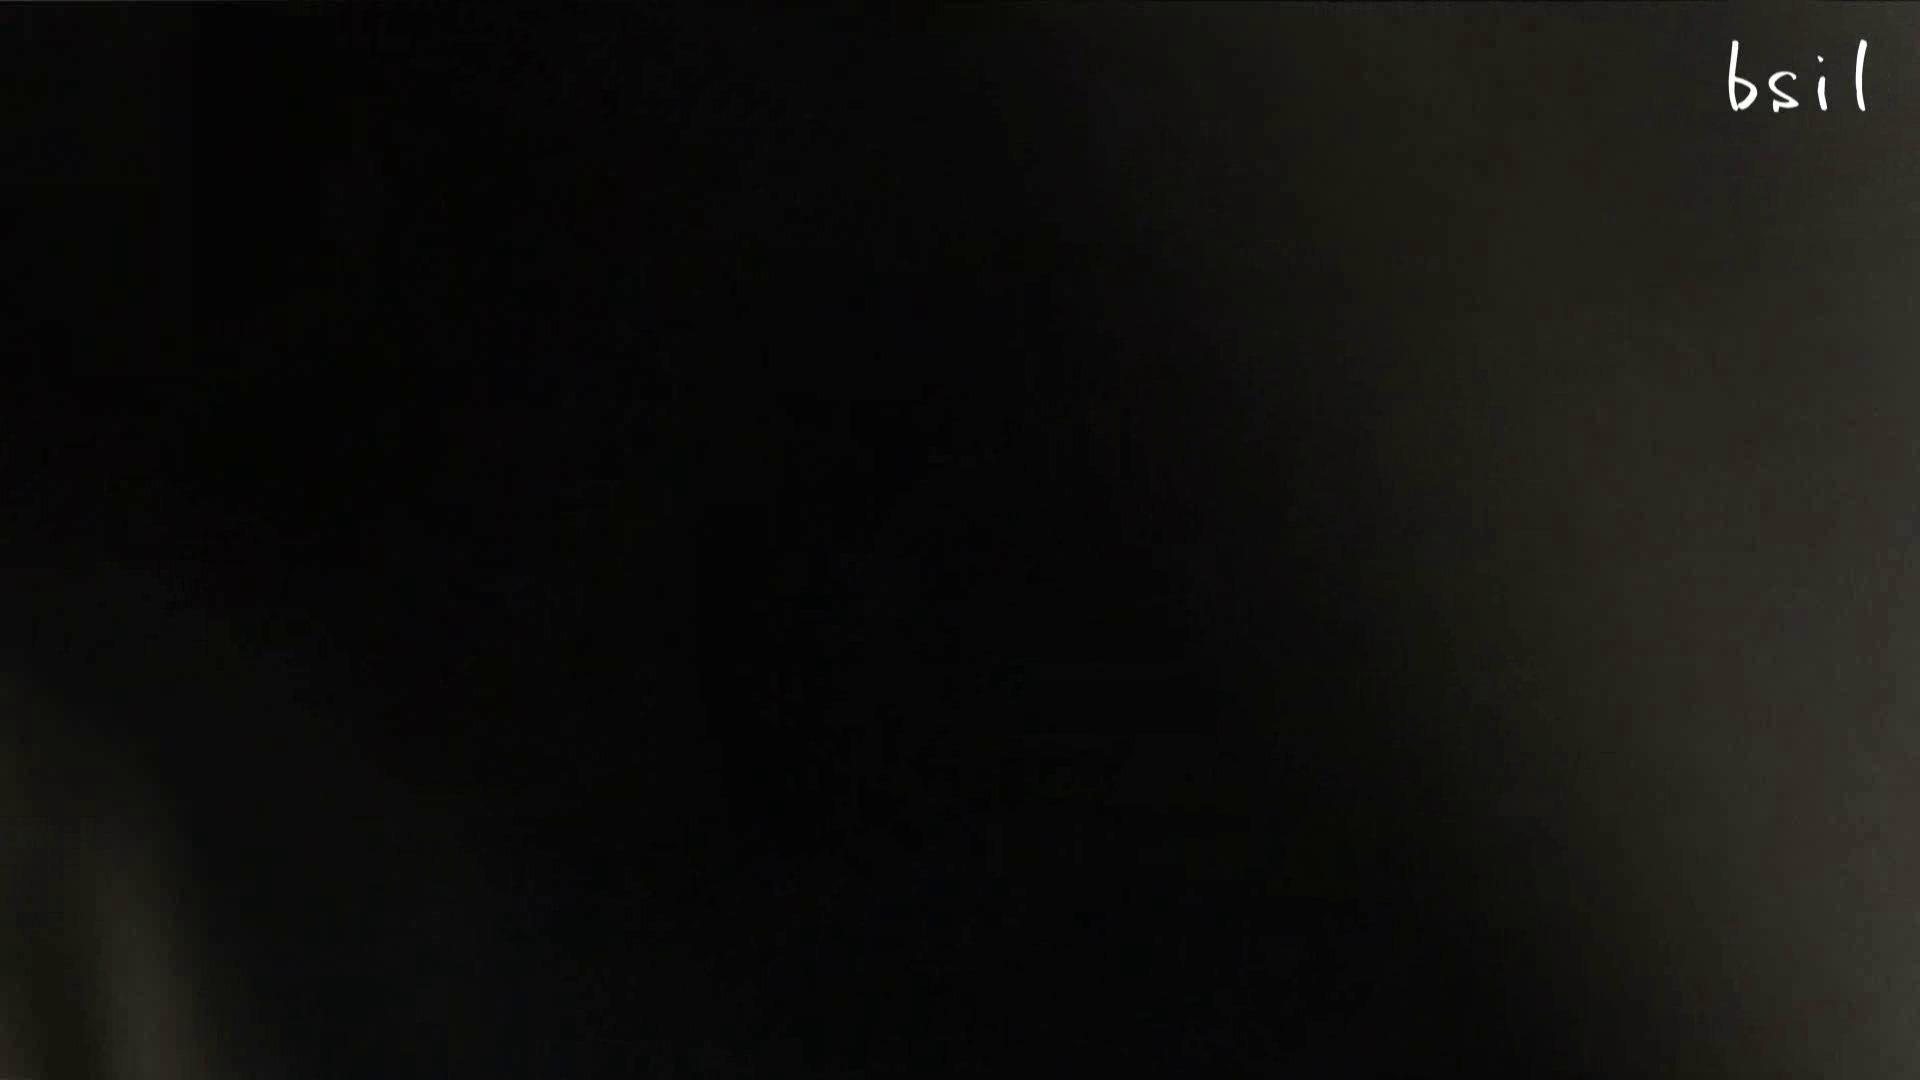 ナースのお小水 vol.001 OLのエロ生活 性交動画流出 93連発 2